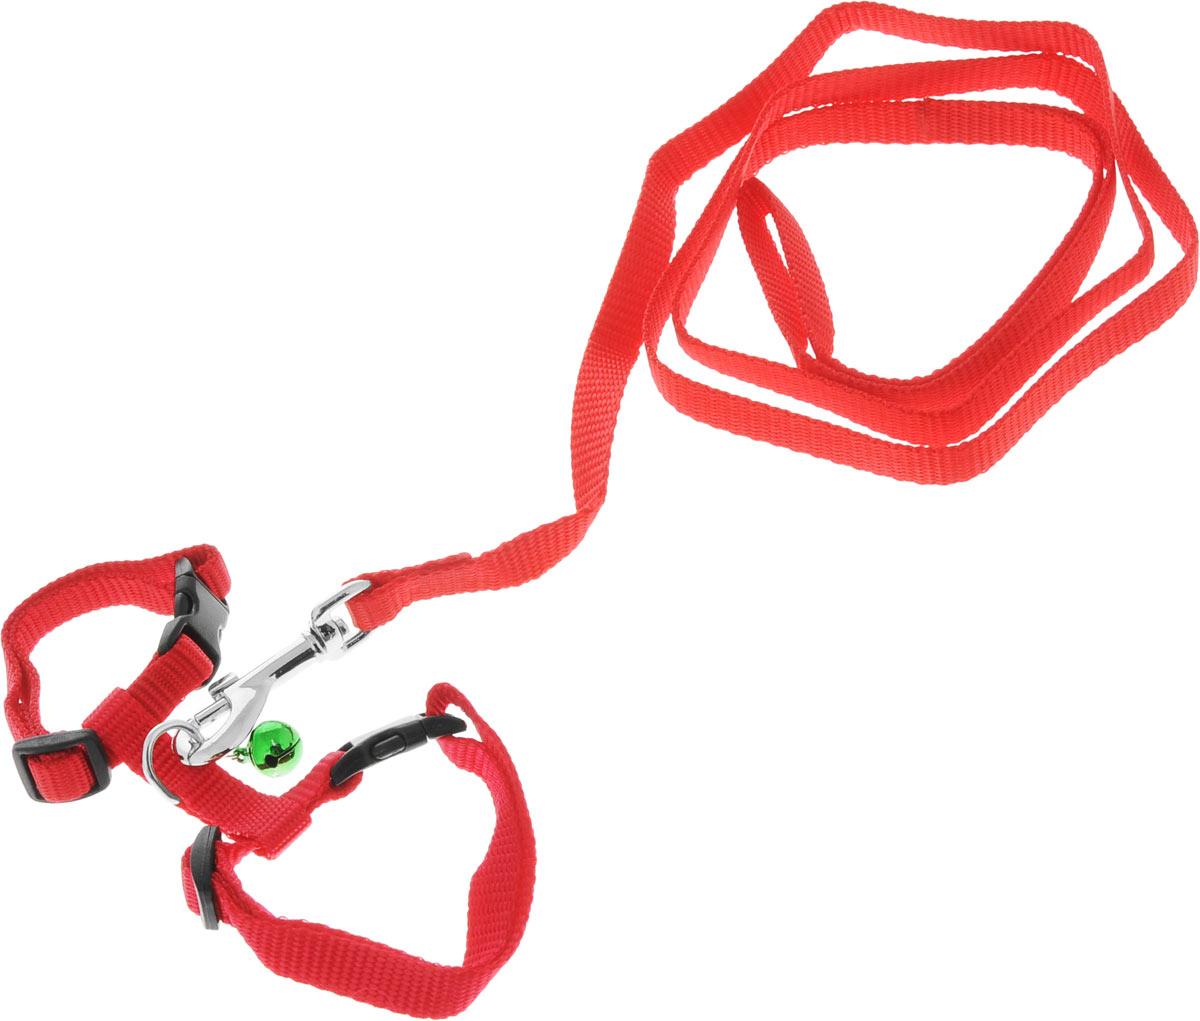 Шлейка для грызунов Каскад, с поводком, цвет: красный, ширина 10 мм, обхват груди 20-30 см01210011-02Шлейка изготовлена из прочного нейлона и дополнена бубенчиком, подходит для домашних грызунов. Крепкие металлические элементы делают еенадежной и долговечной. Шлейка - это альтернатива ошейнику. Правильно подобранная шлейка не стесняет движения питомца, не натирает кожу, поэтому животное чувствует себя в ней уверенно и комфортно. Размер регулируется при помощи пряжки.В комплекте поводок с металлическим карабином.Обхват груди: 20-30 см. Ширина шлейки: 1 см.Длина поводка: 108 см.